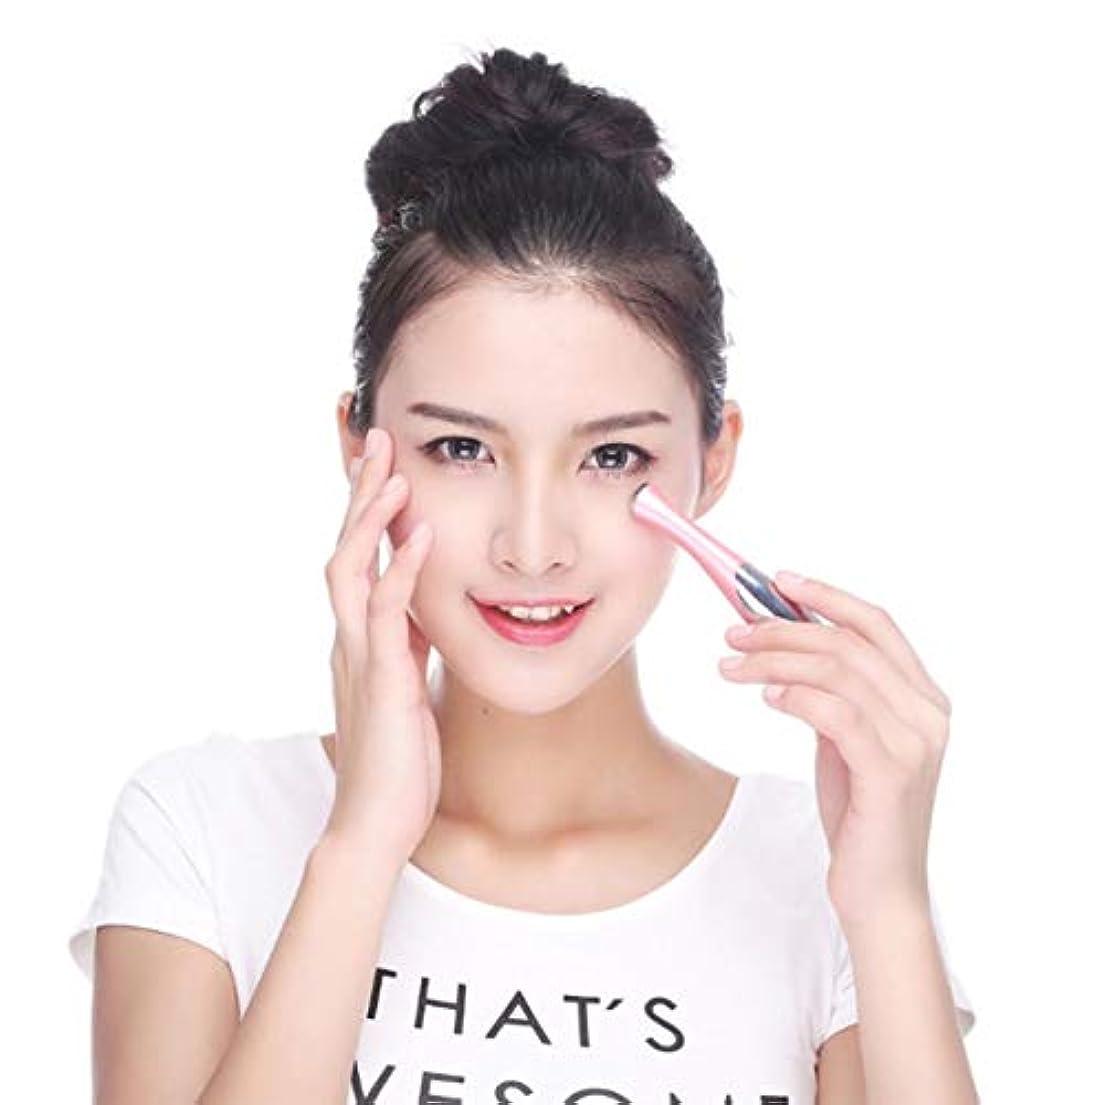 バイオリン米国お祝いMini Portable Handheld Ion Eye Massager Vibration Massage Skin Firming Care Facial Moisturizer Massager Beauty...